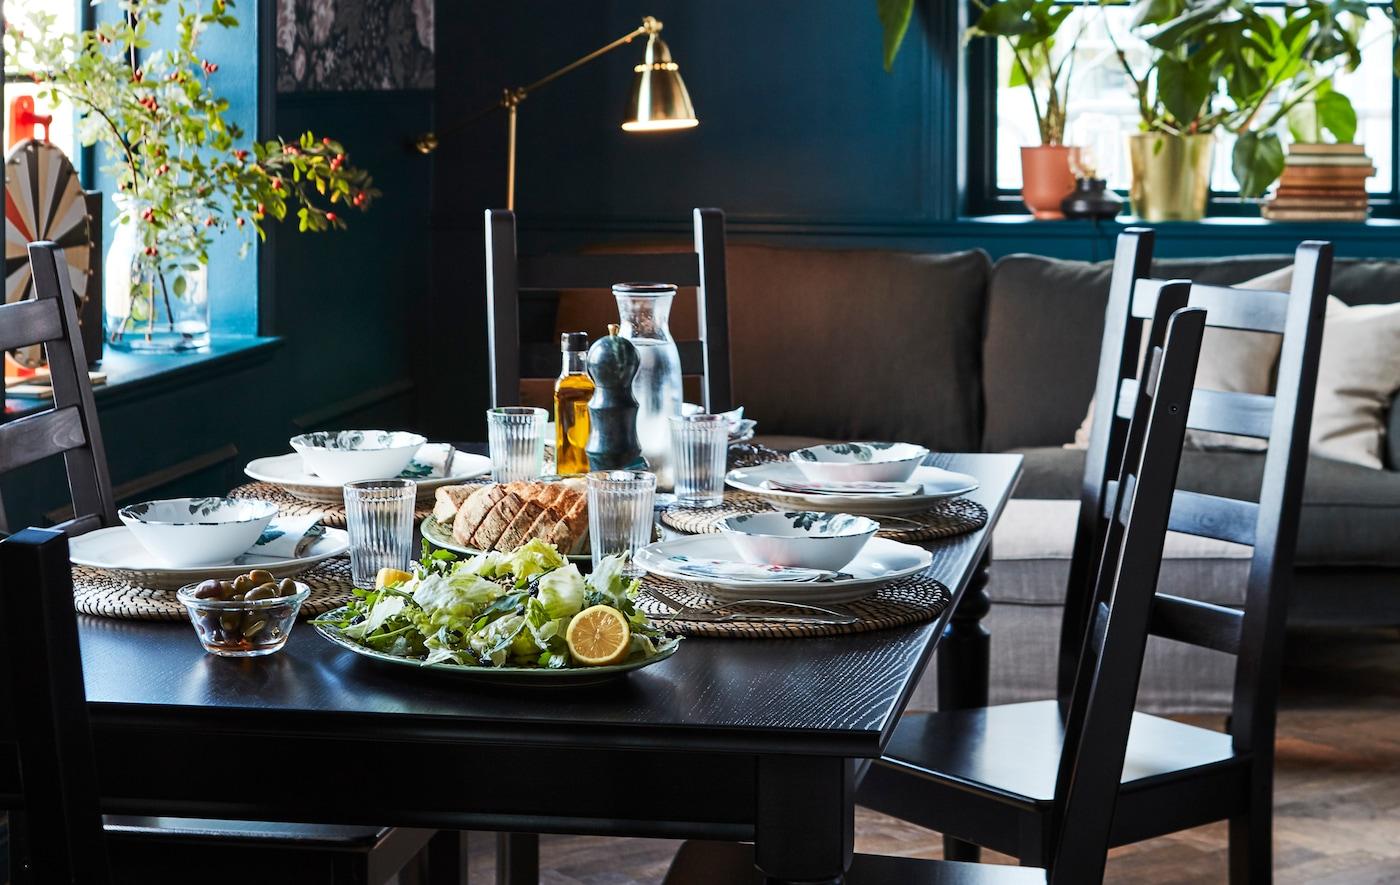 Table noire extensible, dressée pour un déjeuner léger, entourée de chaises de salle à manger.